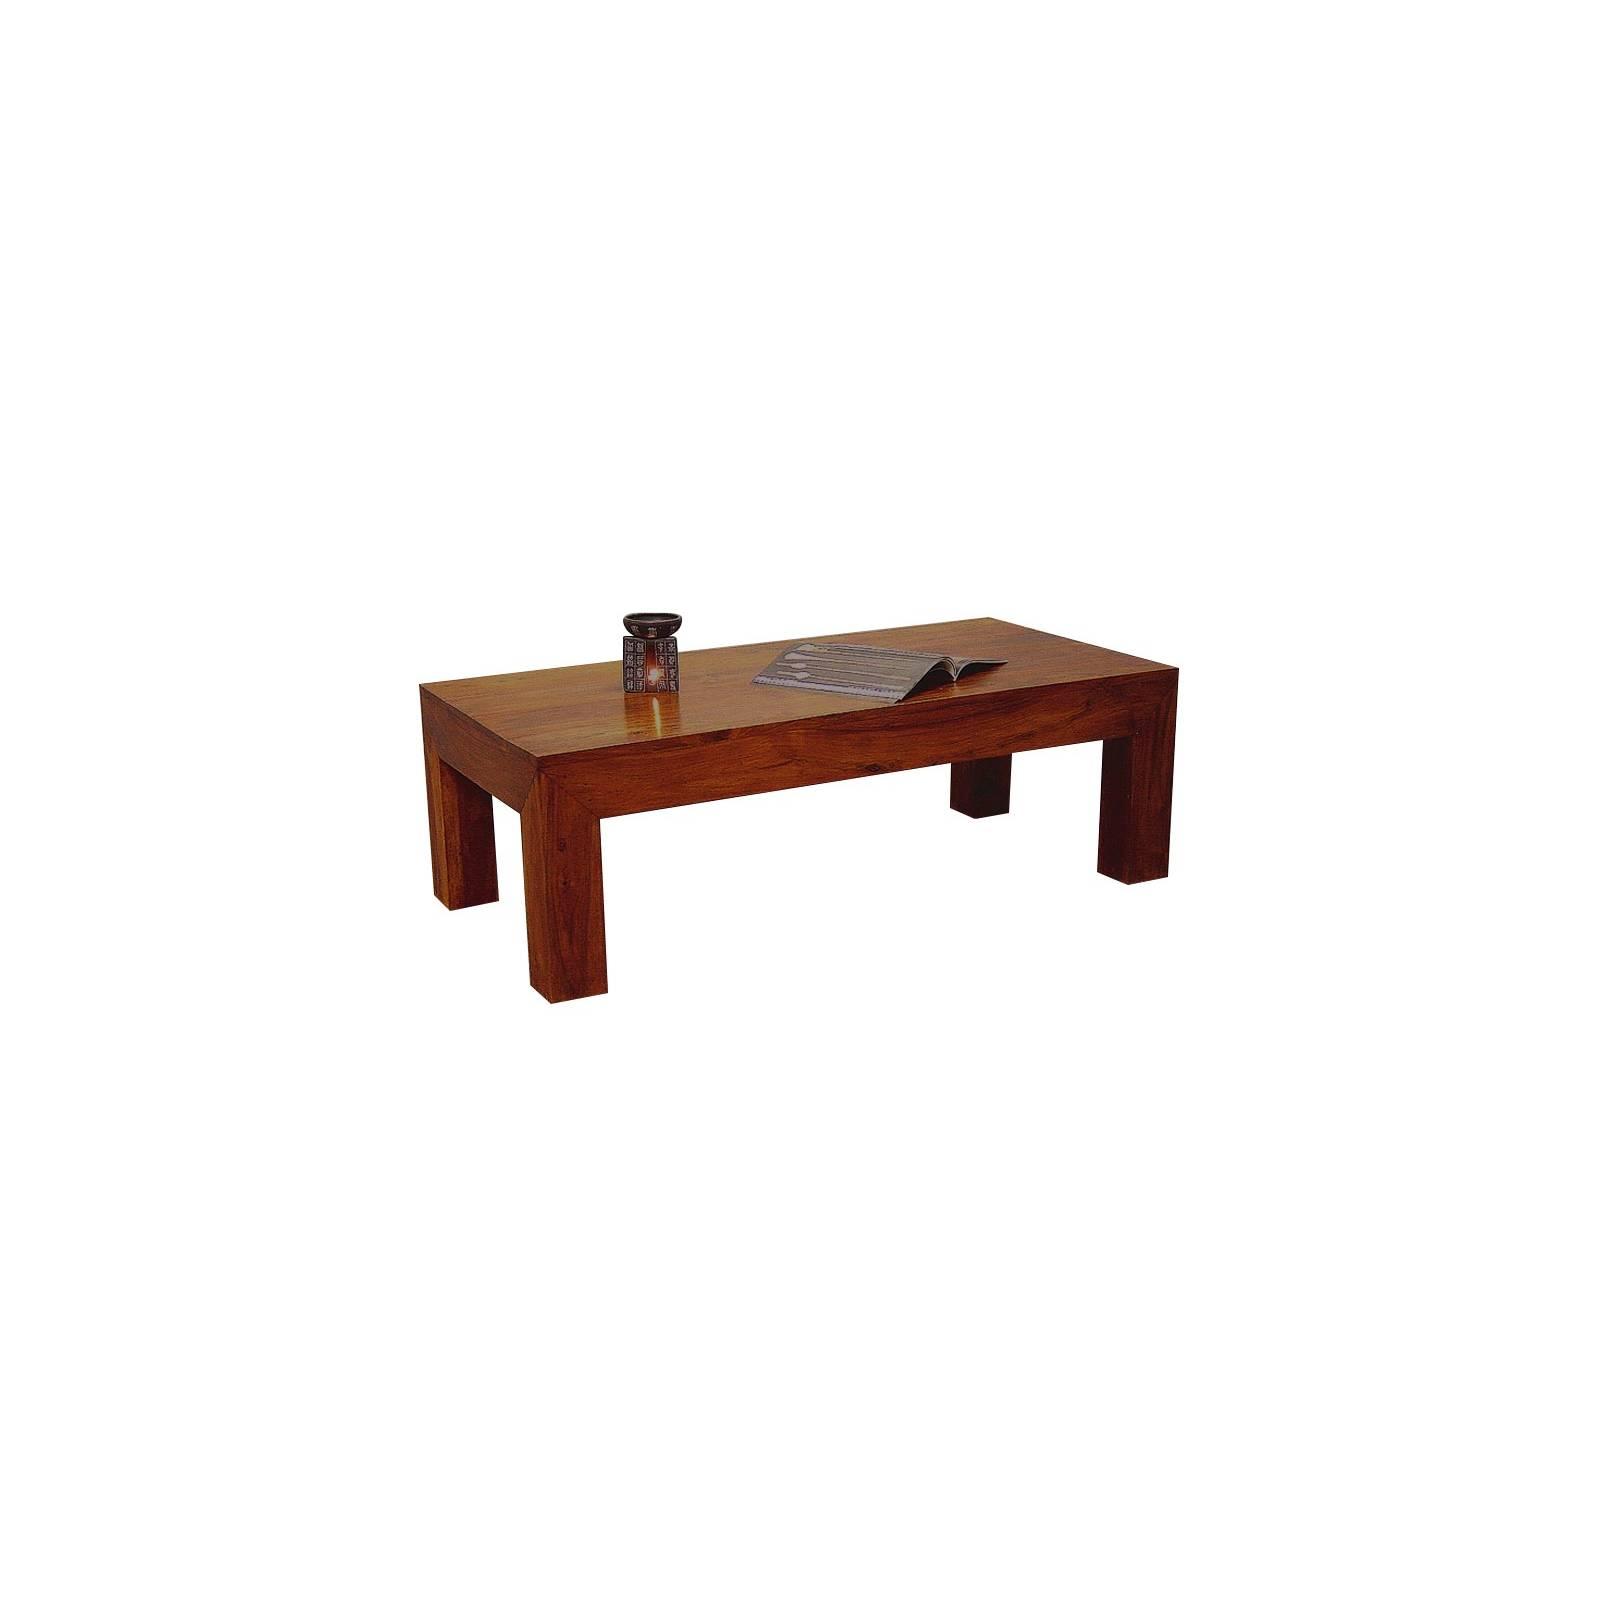 Table Basse Palissandre Zen 120 - meuble bois exotique